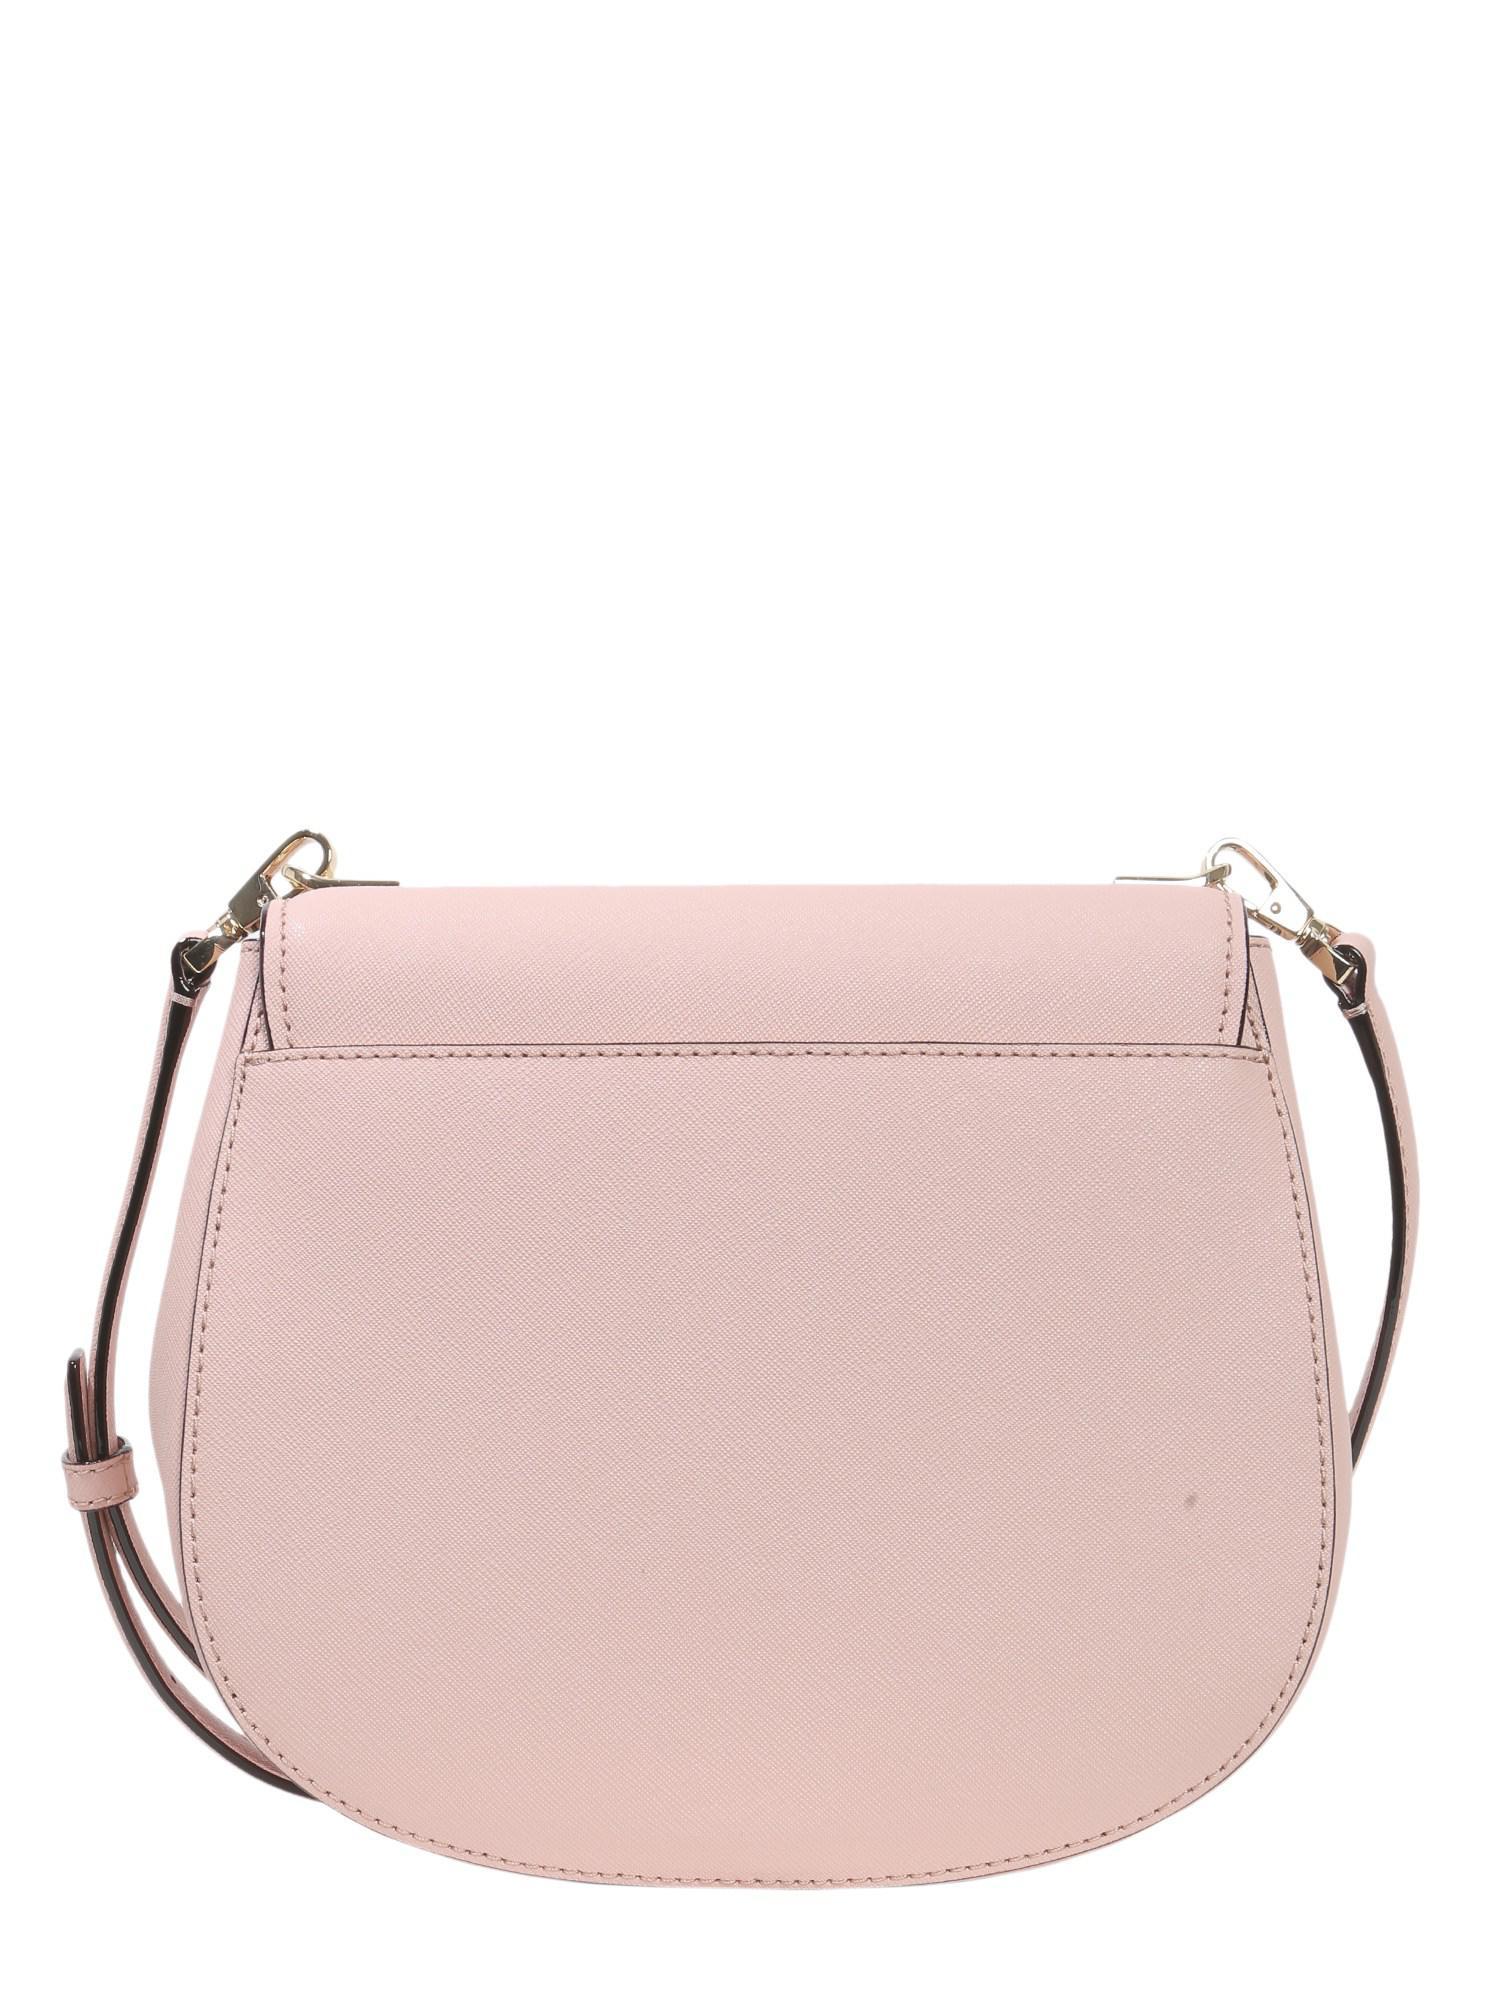 4a03807125 Kate Spade Cameron Street Byrdie Leather Crossbody Bag in Pink - Lyst